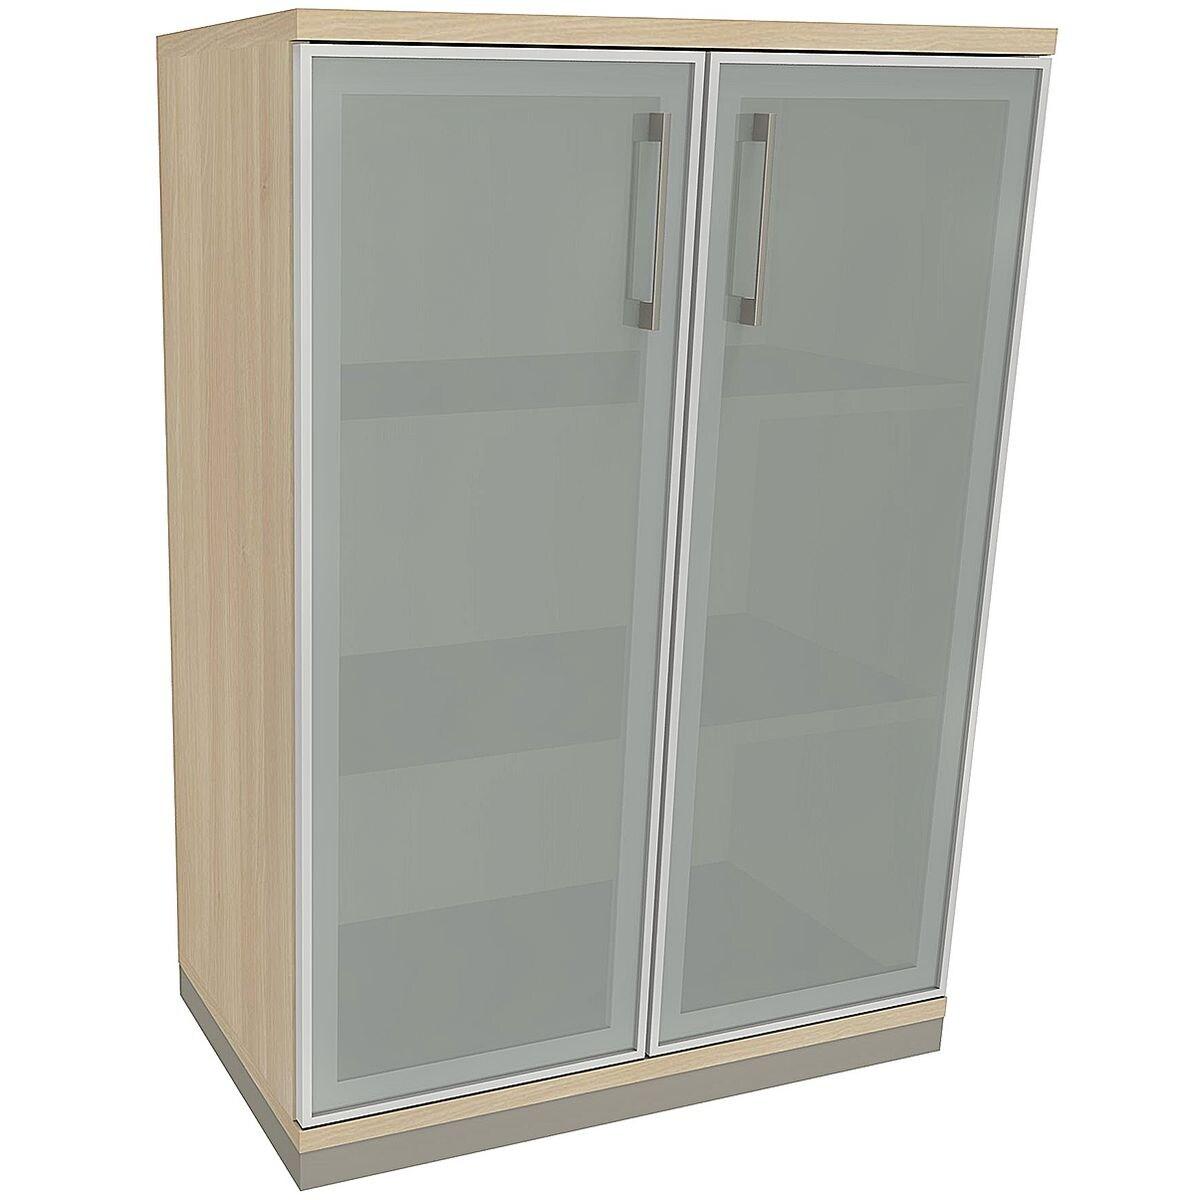 fm b rom bel aktenschrank oldenburg 3 oh satinierte acrylglast ren bei otto office g nstig. Black Bedroom Furniture Sets. Home Design Ideas